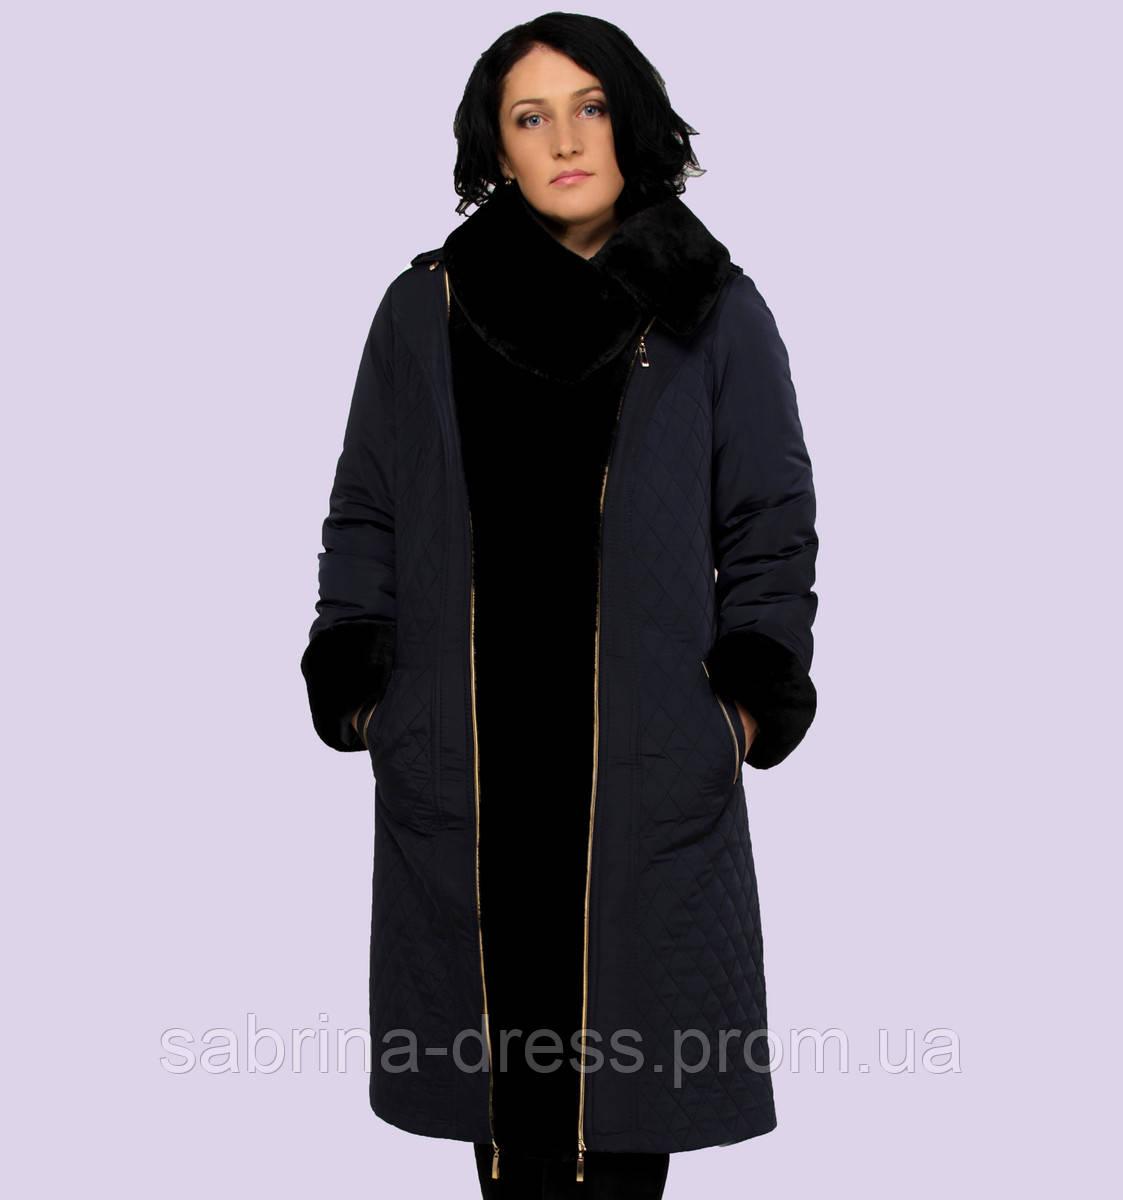 f11b05d9cfc Женское Зимние Пальто- Пуховик. Модель 4. Размеры 48-58 — в ...